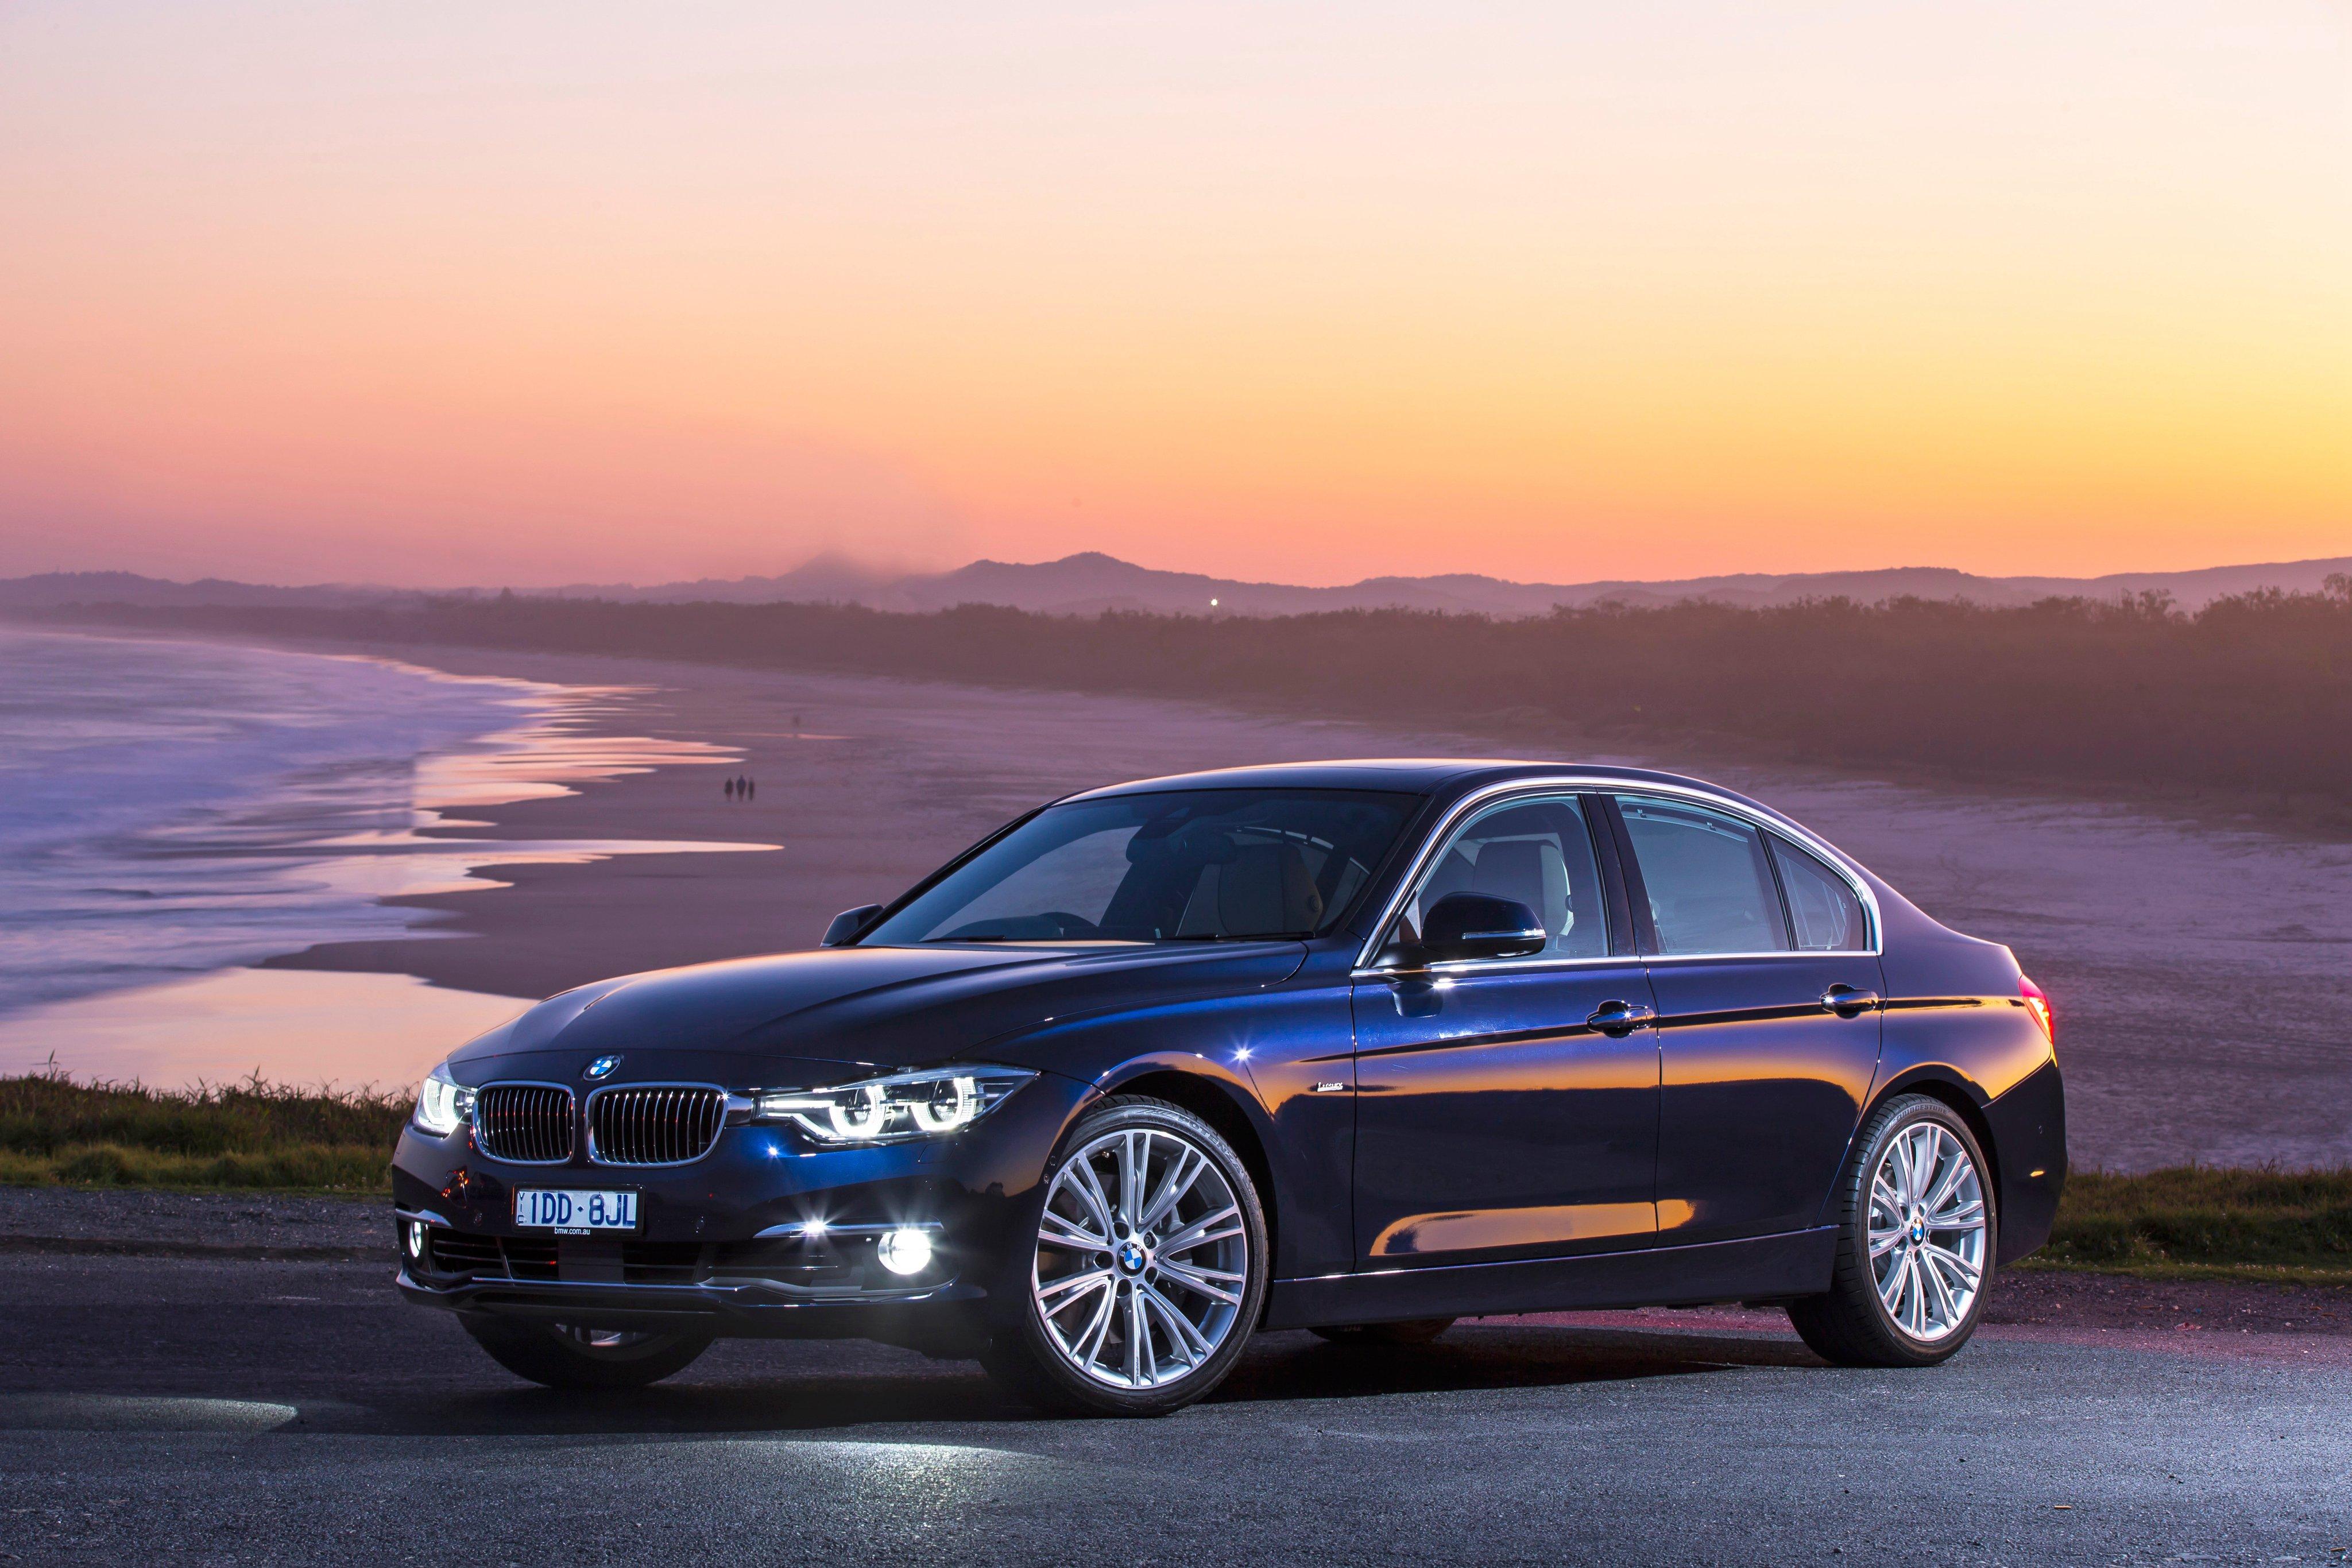 BMW 340i Luxury Line AU-spec (F30) cars sedan 2015 ...